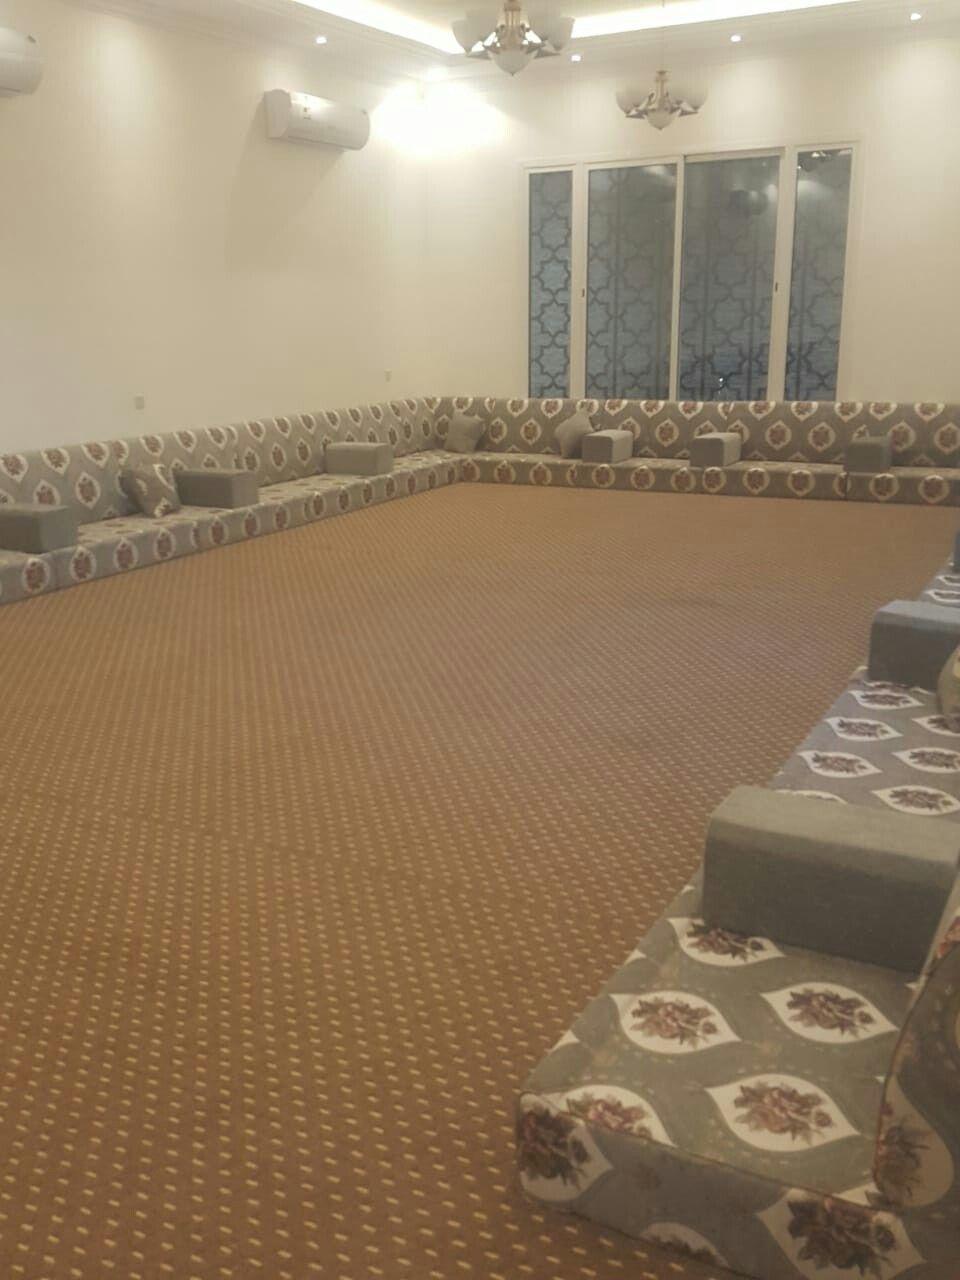 استراحة العاذرية للإيجار 0501244463 استراحه للإيجار في الرياض المونسية Home Decor Decor Home